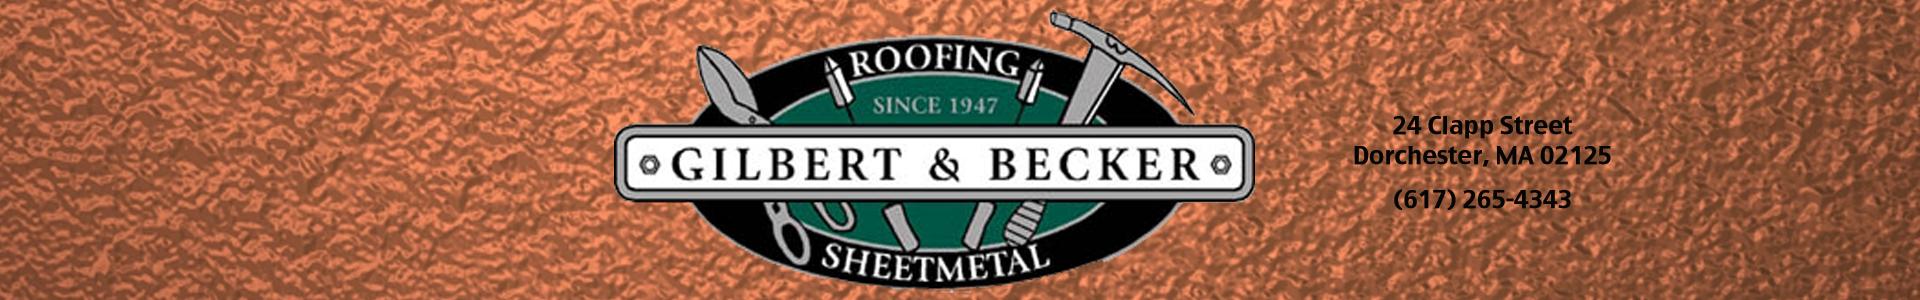 Gilbert & Becker Roofing